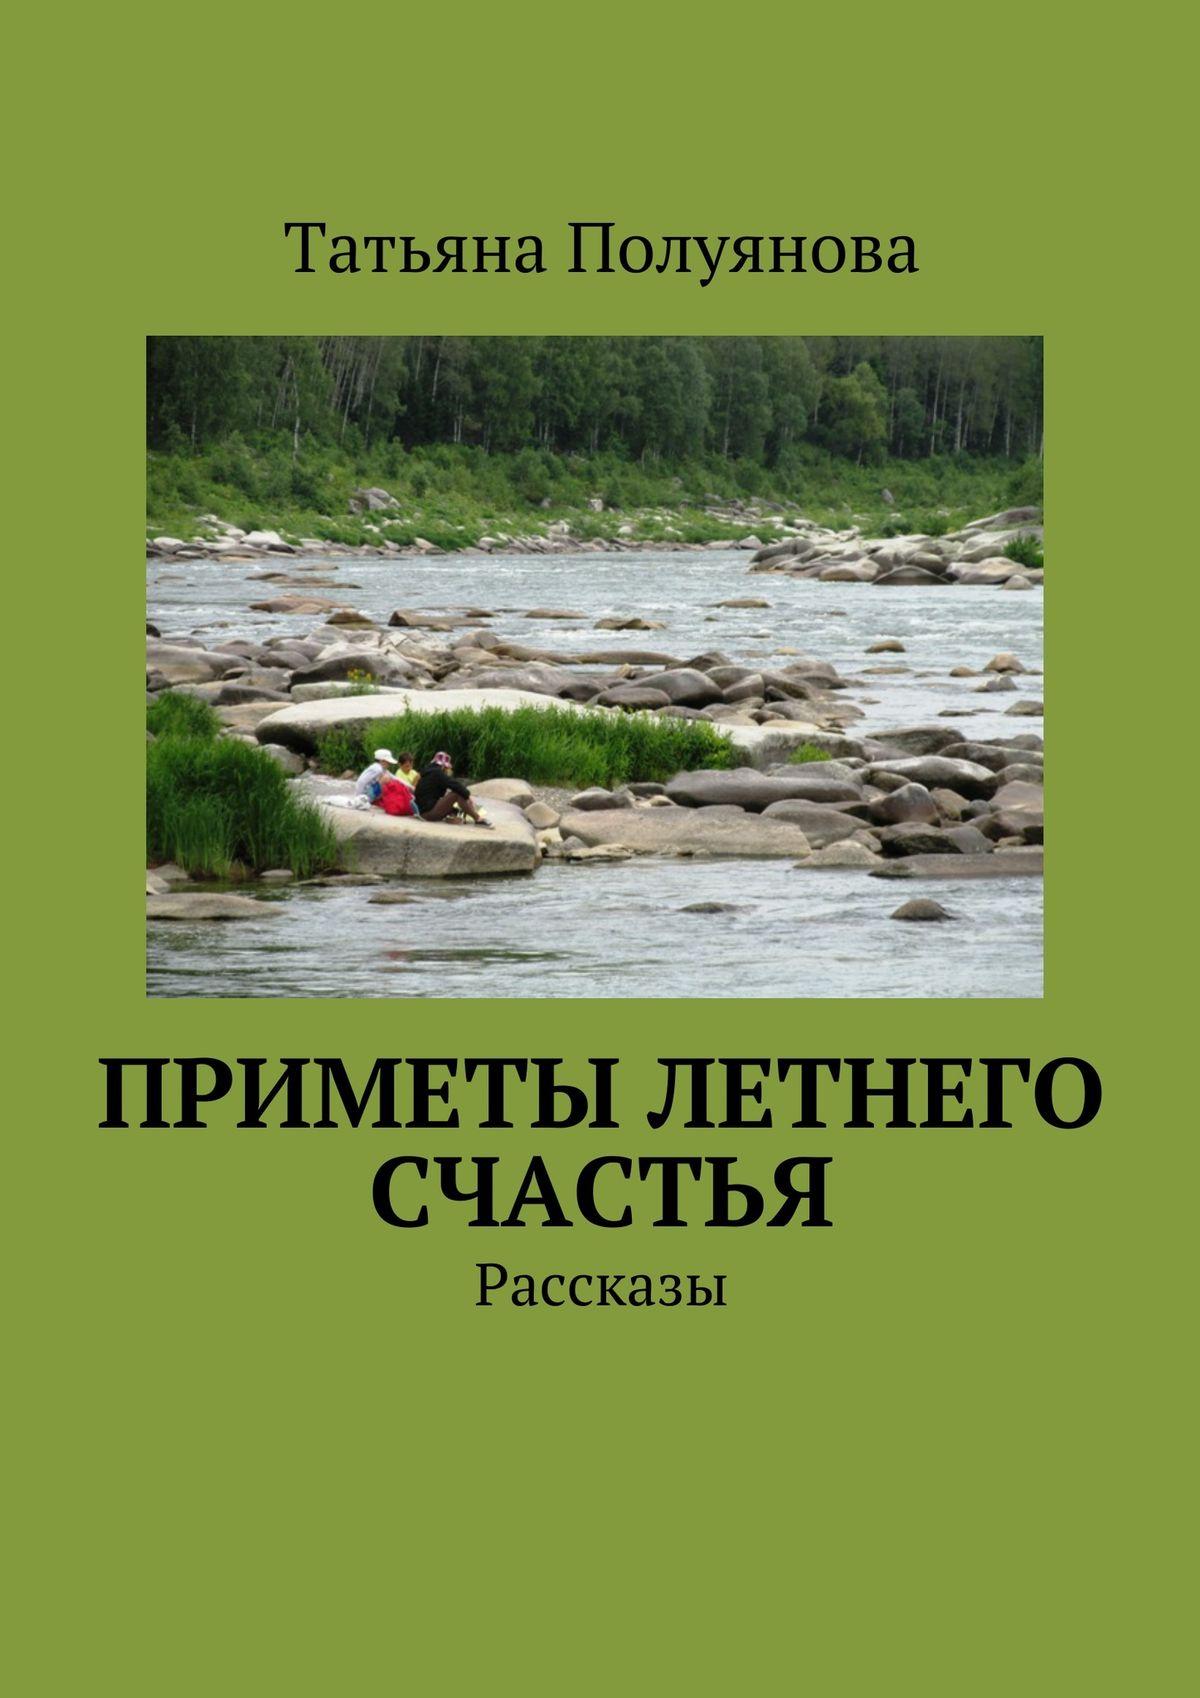 Татьяна Полуяноа Приметы летнего счастья. Рассказы